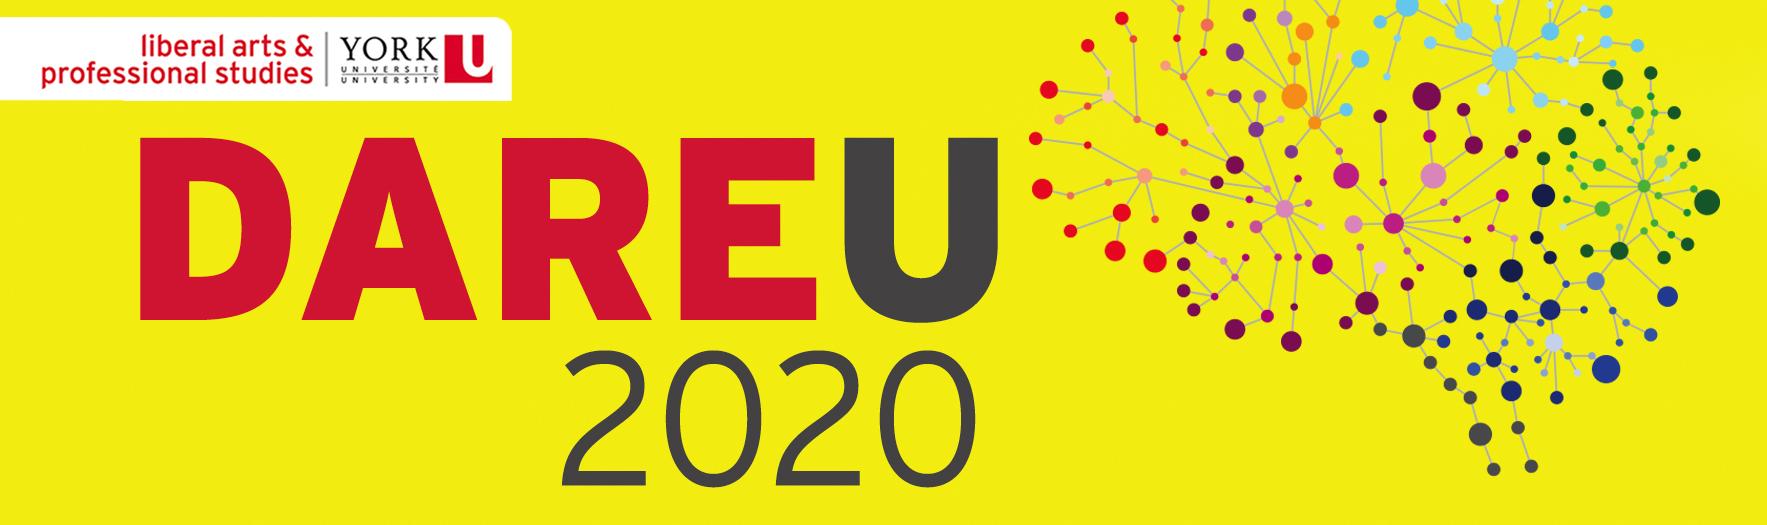 DARE 2020